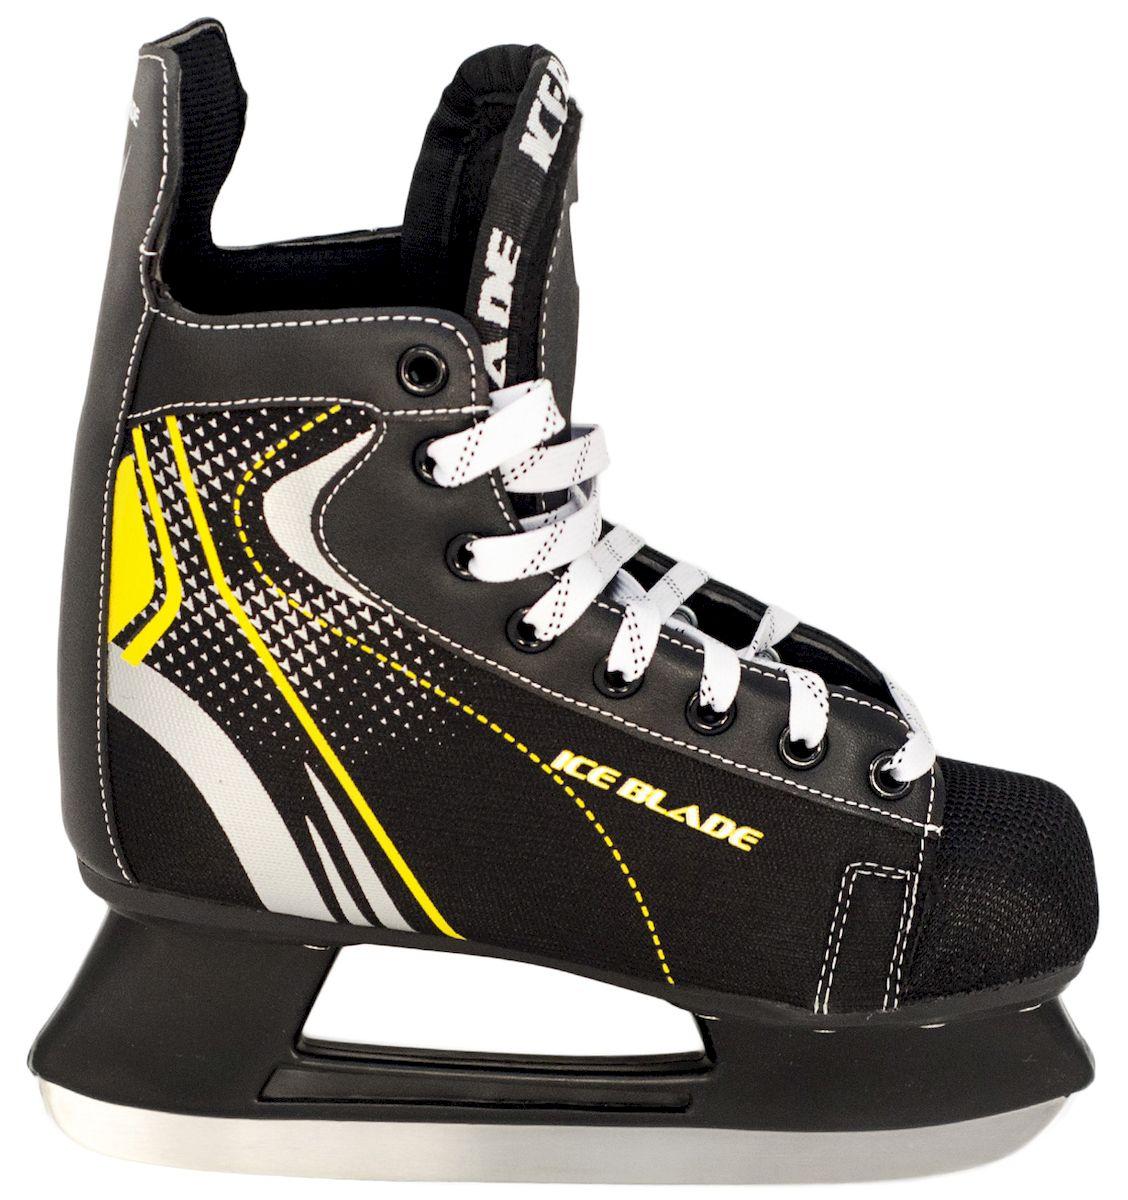 Коньки хоккейные Ice Blade Shark, цвет: черный, желтый. УТ-00006841. Размер 38УТ-00006841Коньки хоккейные Shark - модный яркий дизайн коньков данной модели делает ее очень популярной у любителей хоккея. Модель Shark от Ice Blade также хорошо подойдет и для коммерческого использования. Данная модель часто используется в прокате. Коньки поставляются с заводской заточкой лезвия, что позволяет сразу приступить к катанию, не тратя время и денег на заточку. Коньки подходят для использования на открытом и закрытом льду. Основные характеристики: Назначение: хоккейные коньки Тип фиксации: шнурки Дополнительные характеристики: Материал ботинка: искусственная кожа, высокопрочная нейлоновая ткань, ударостойкий пластик Внутренняя отделка: вельветин с утеплением Лезвие: лезвие выполнено из высокоуглеродистой стали с покрытием из никеля Упаковка: удобная сумка Дополнительно: Гарантия 1 год